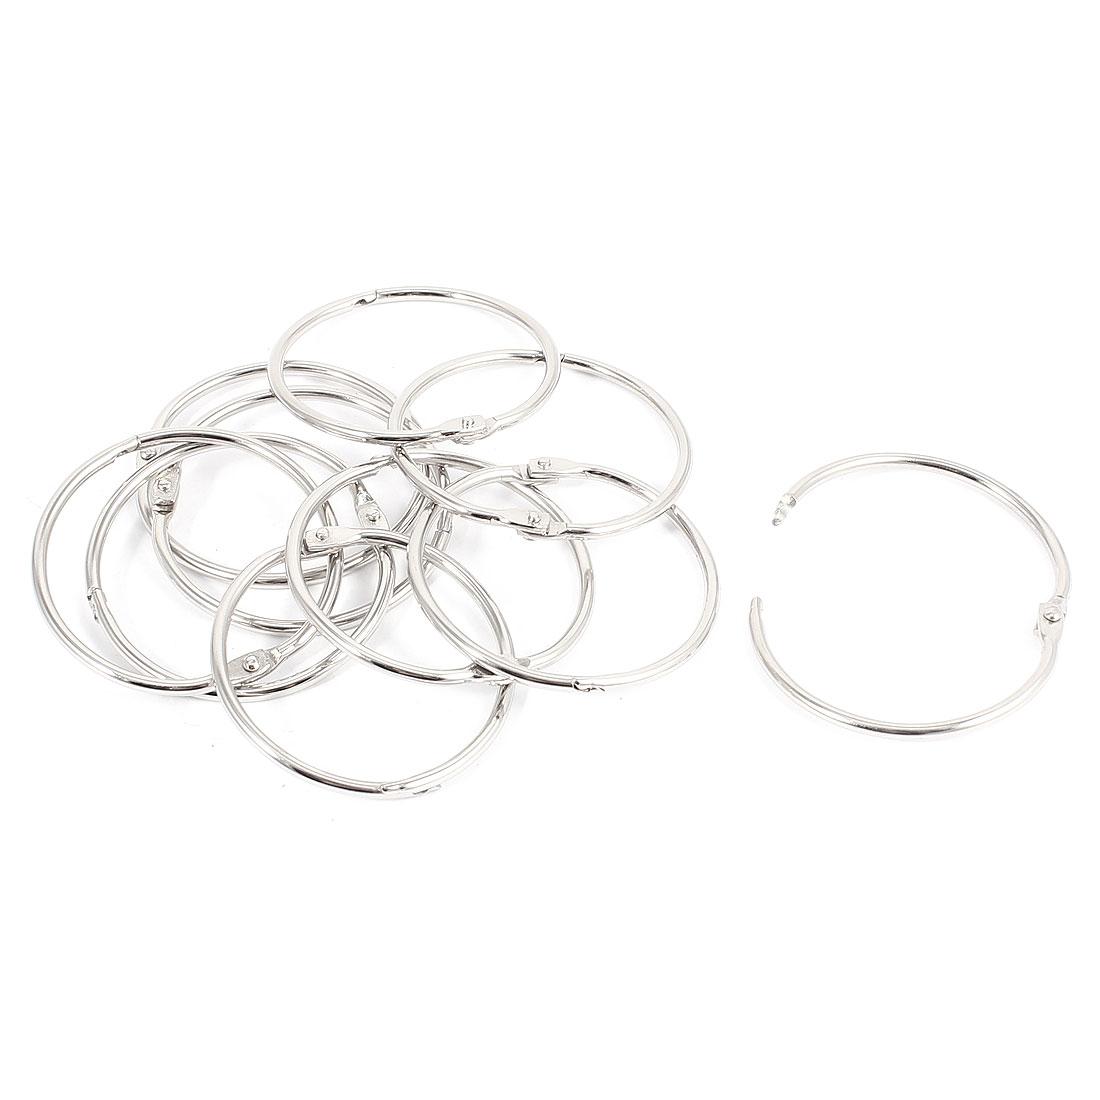 10 Pcs 50mm Inner Dia Metal Loose Leaf Rings Binder Keyrings Silver Tone